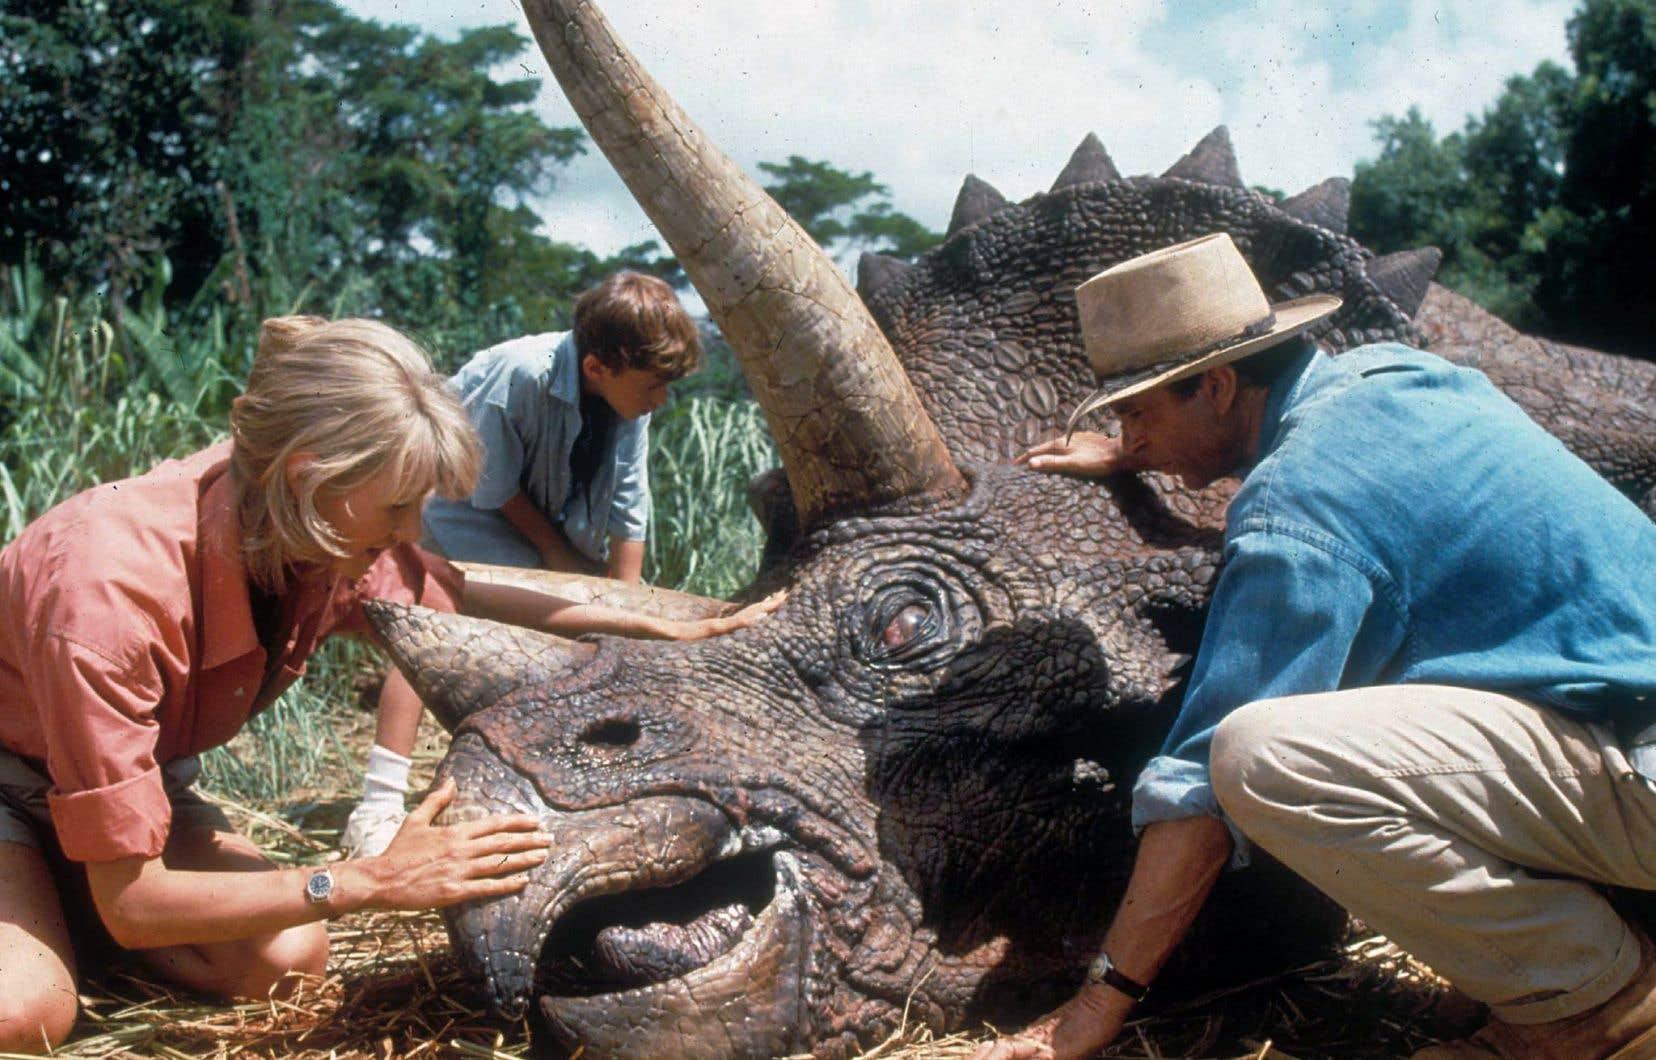 Forte d'une campagne promotionnelle redoutable et d'effets spéciaux novateurs, cette superproduction sortie le 11 juin 1993 ramena le cinéaste Steven Spielberg au sommet.